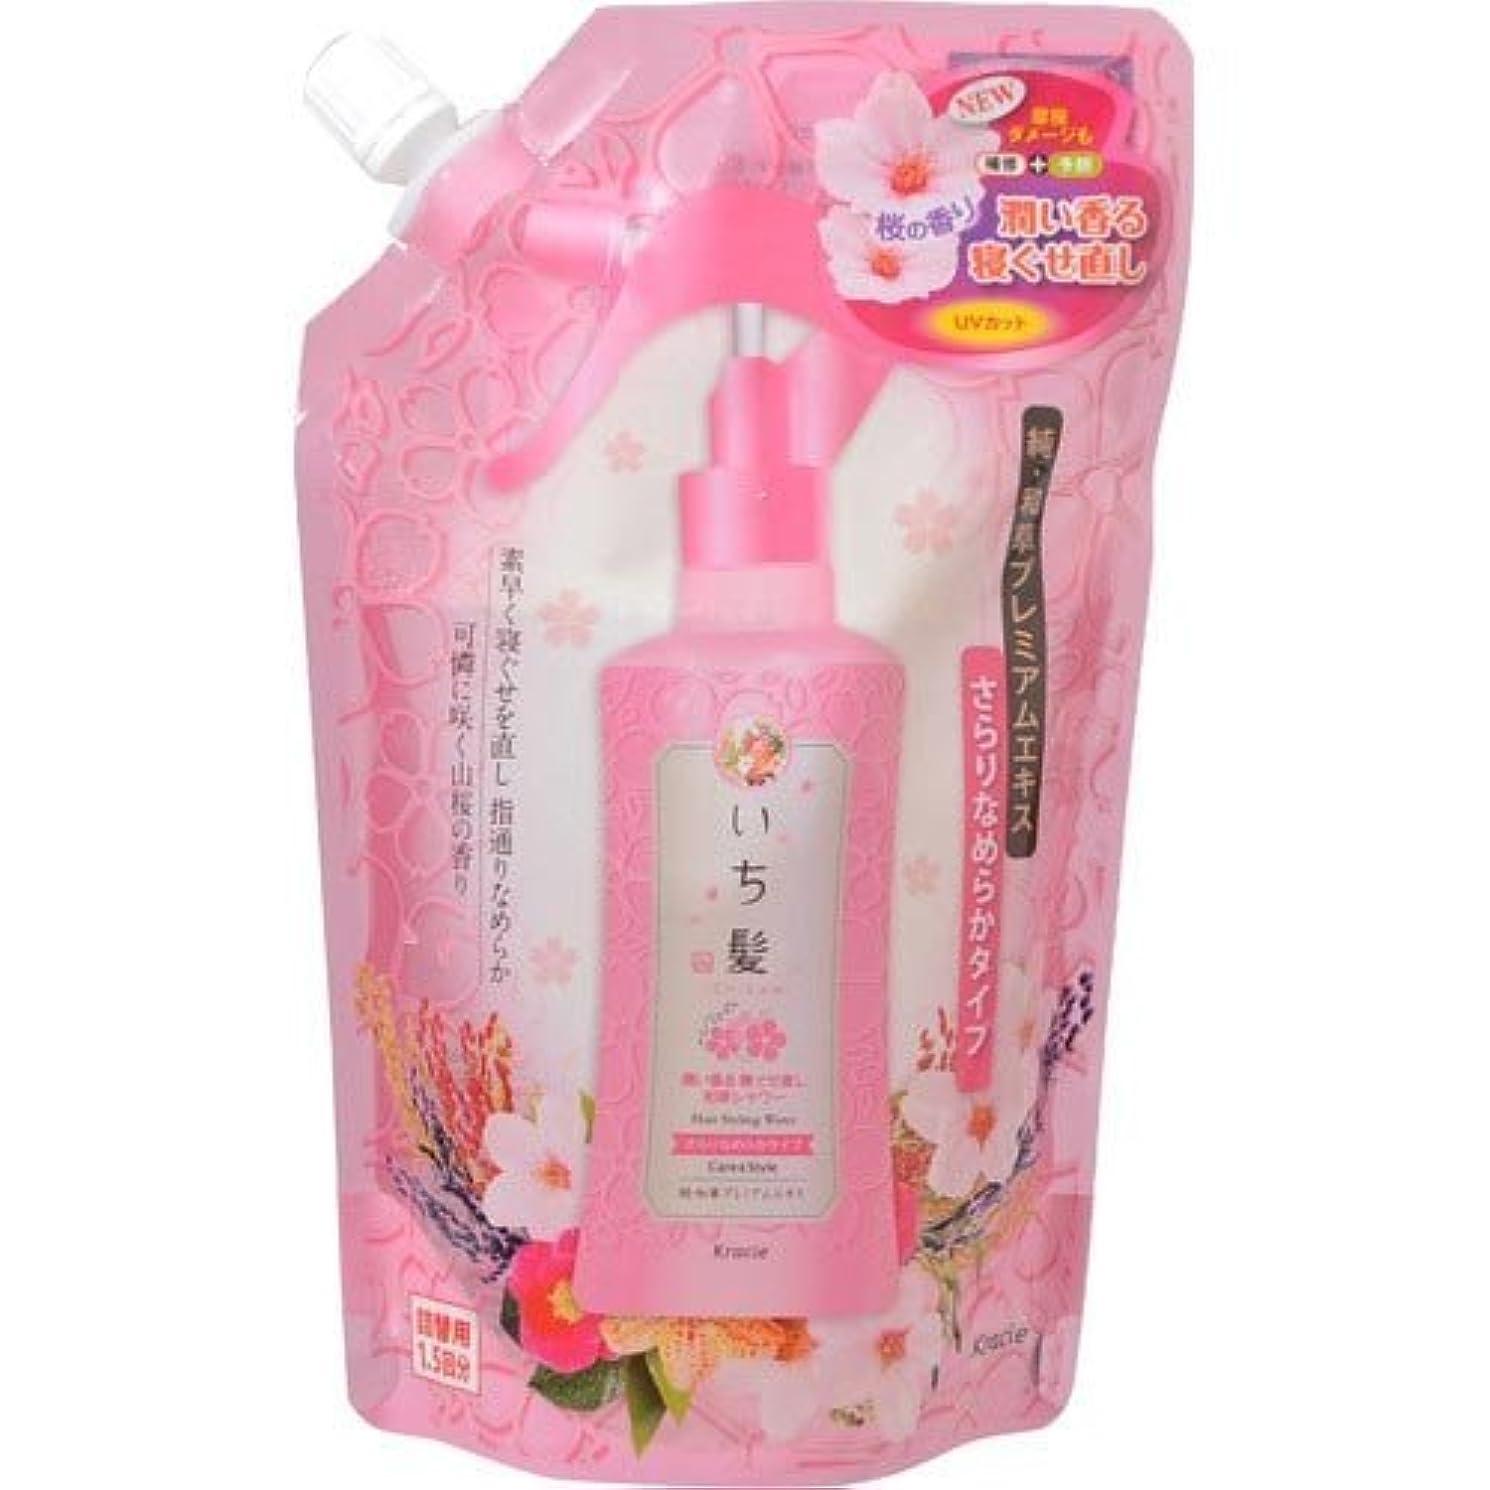 くびれた慣れている主流いち髪 潤い香る寝ぐせ直し和草シャワー さらりなめらかタイプ 詰替用 375mL